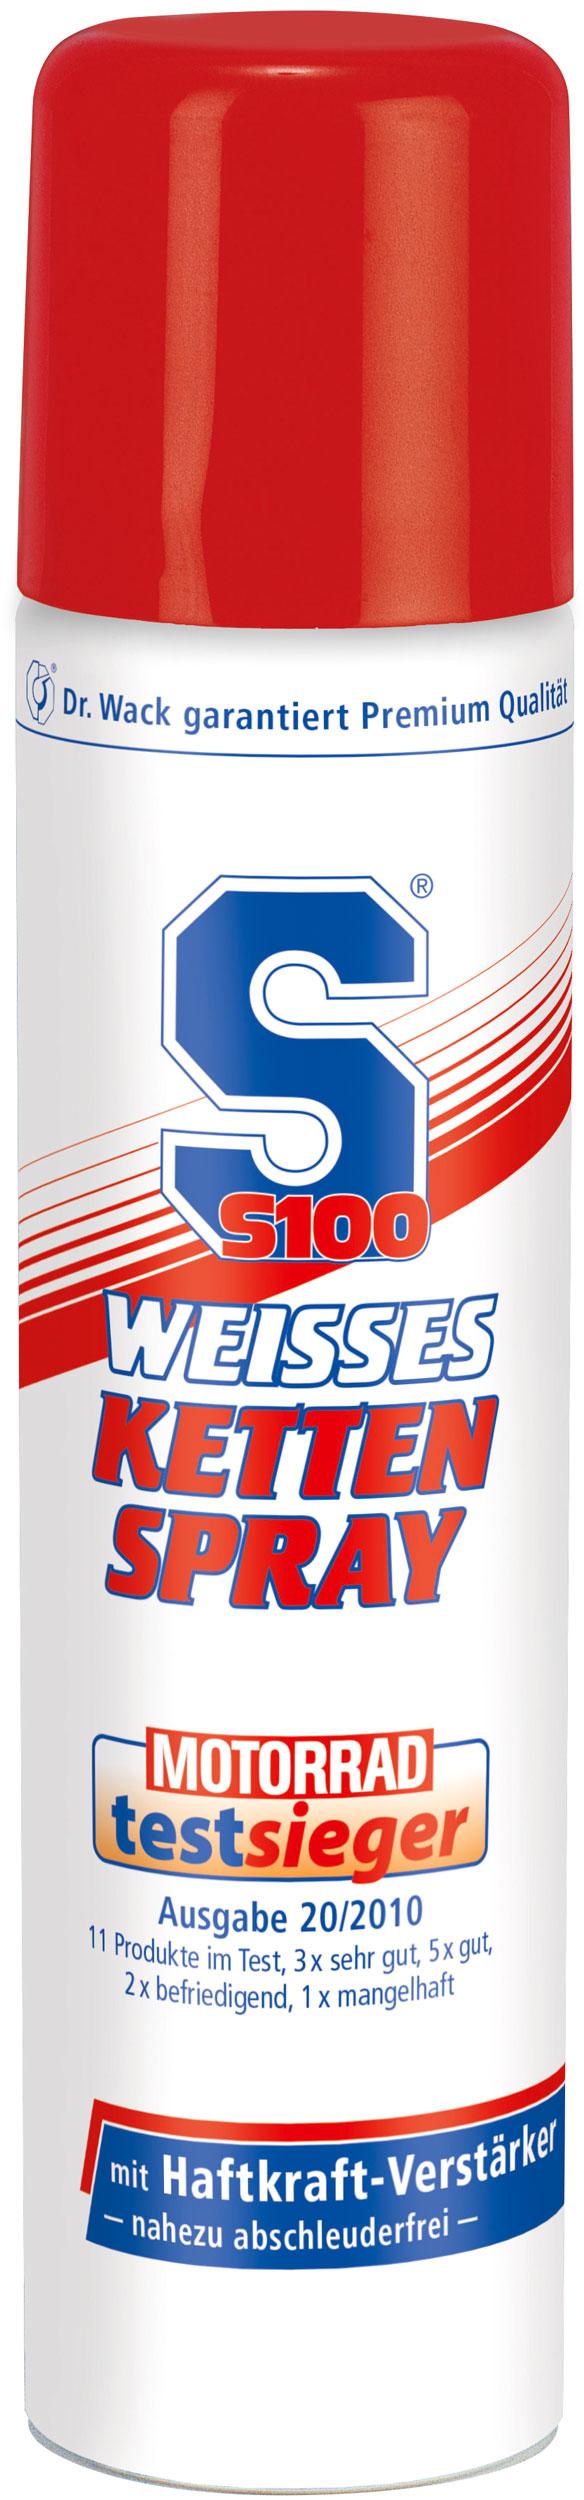 Dr OK Wack S100, weisses Kettenspray - 75 ml 2358